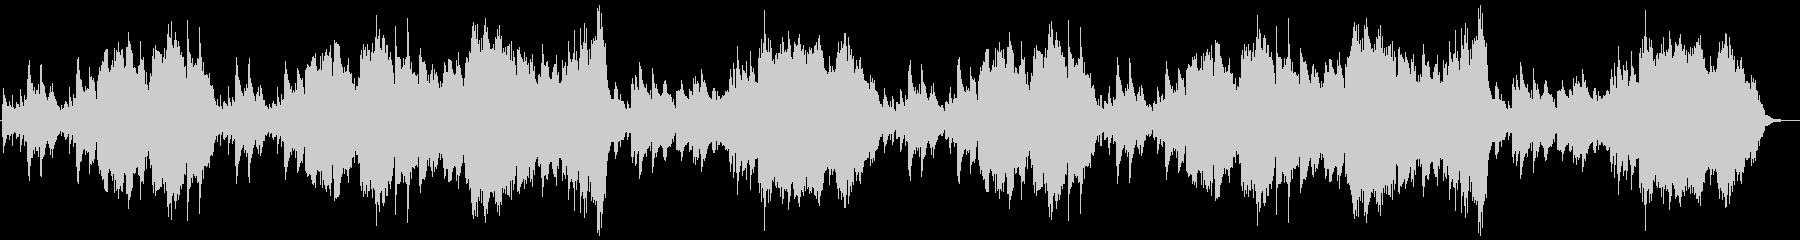 可愛らしいヒーリング・ワルツの未再生の波形